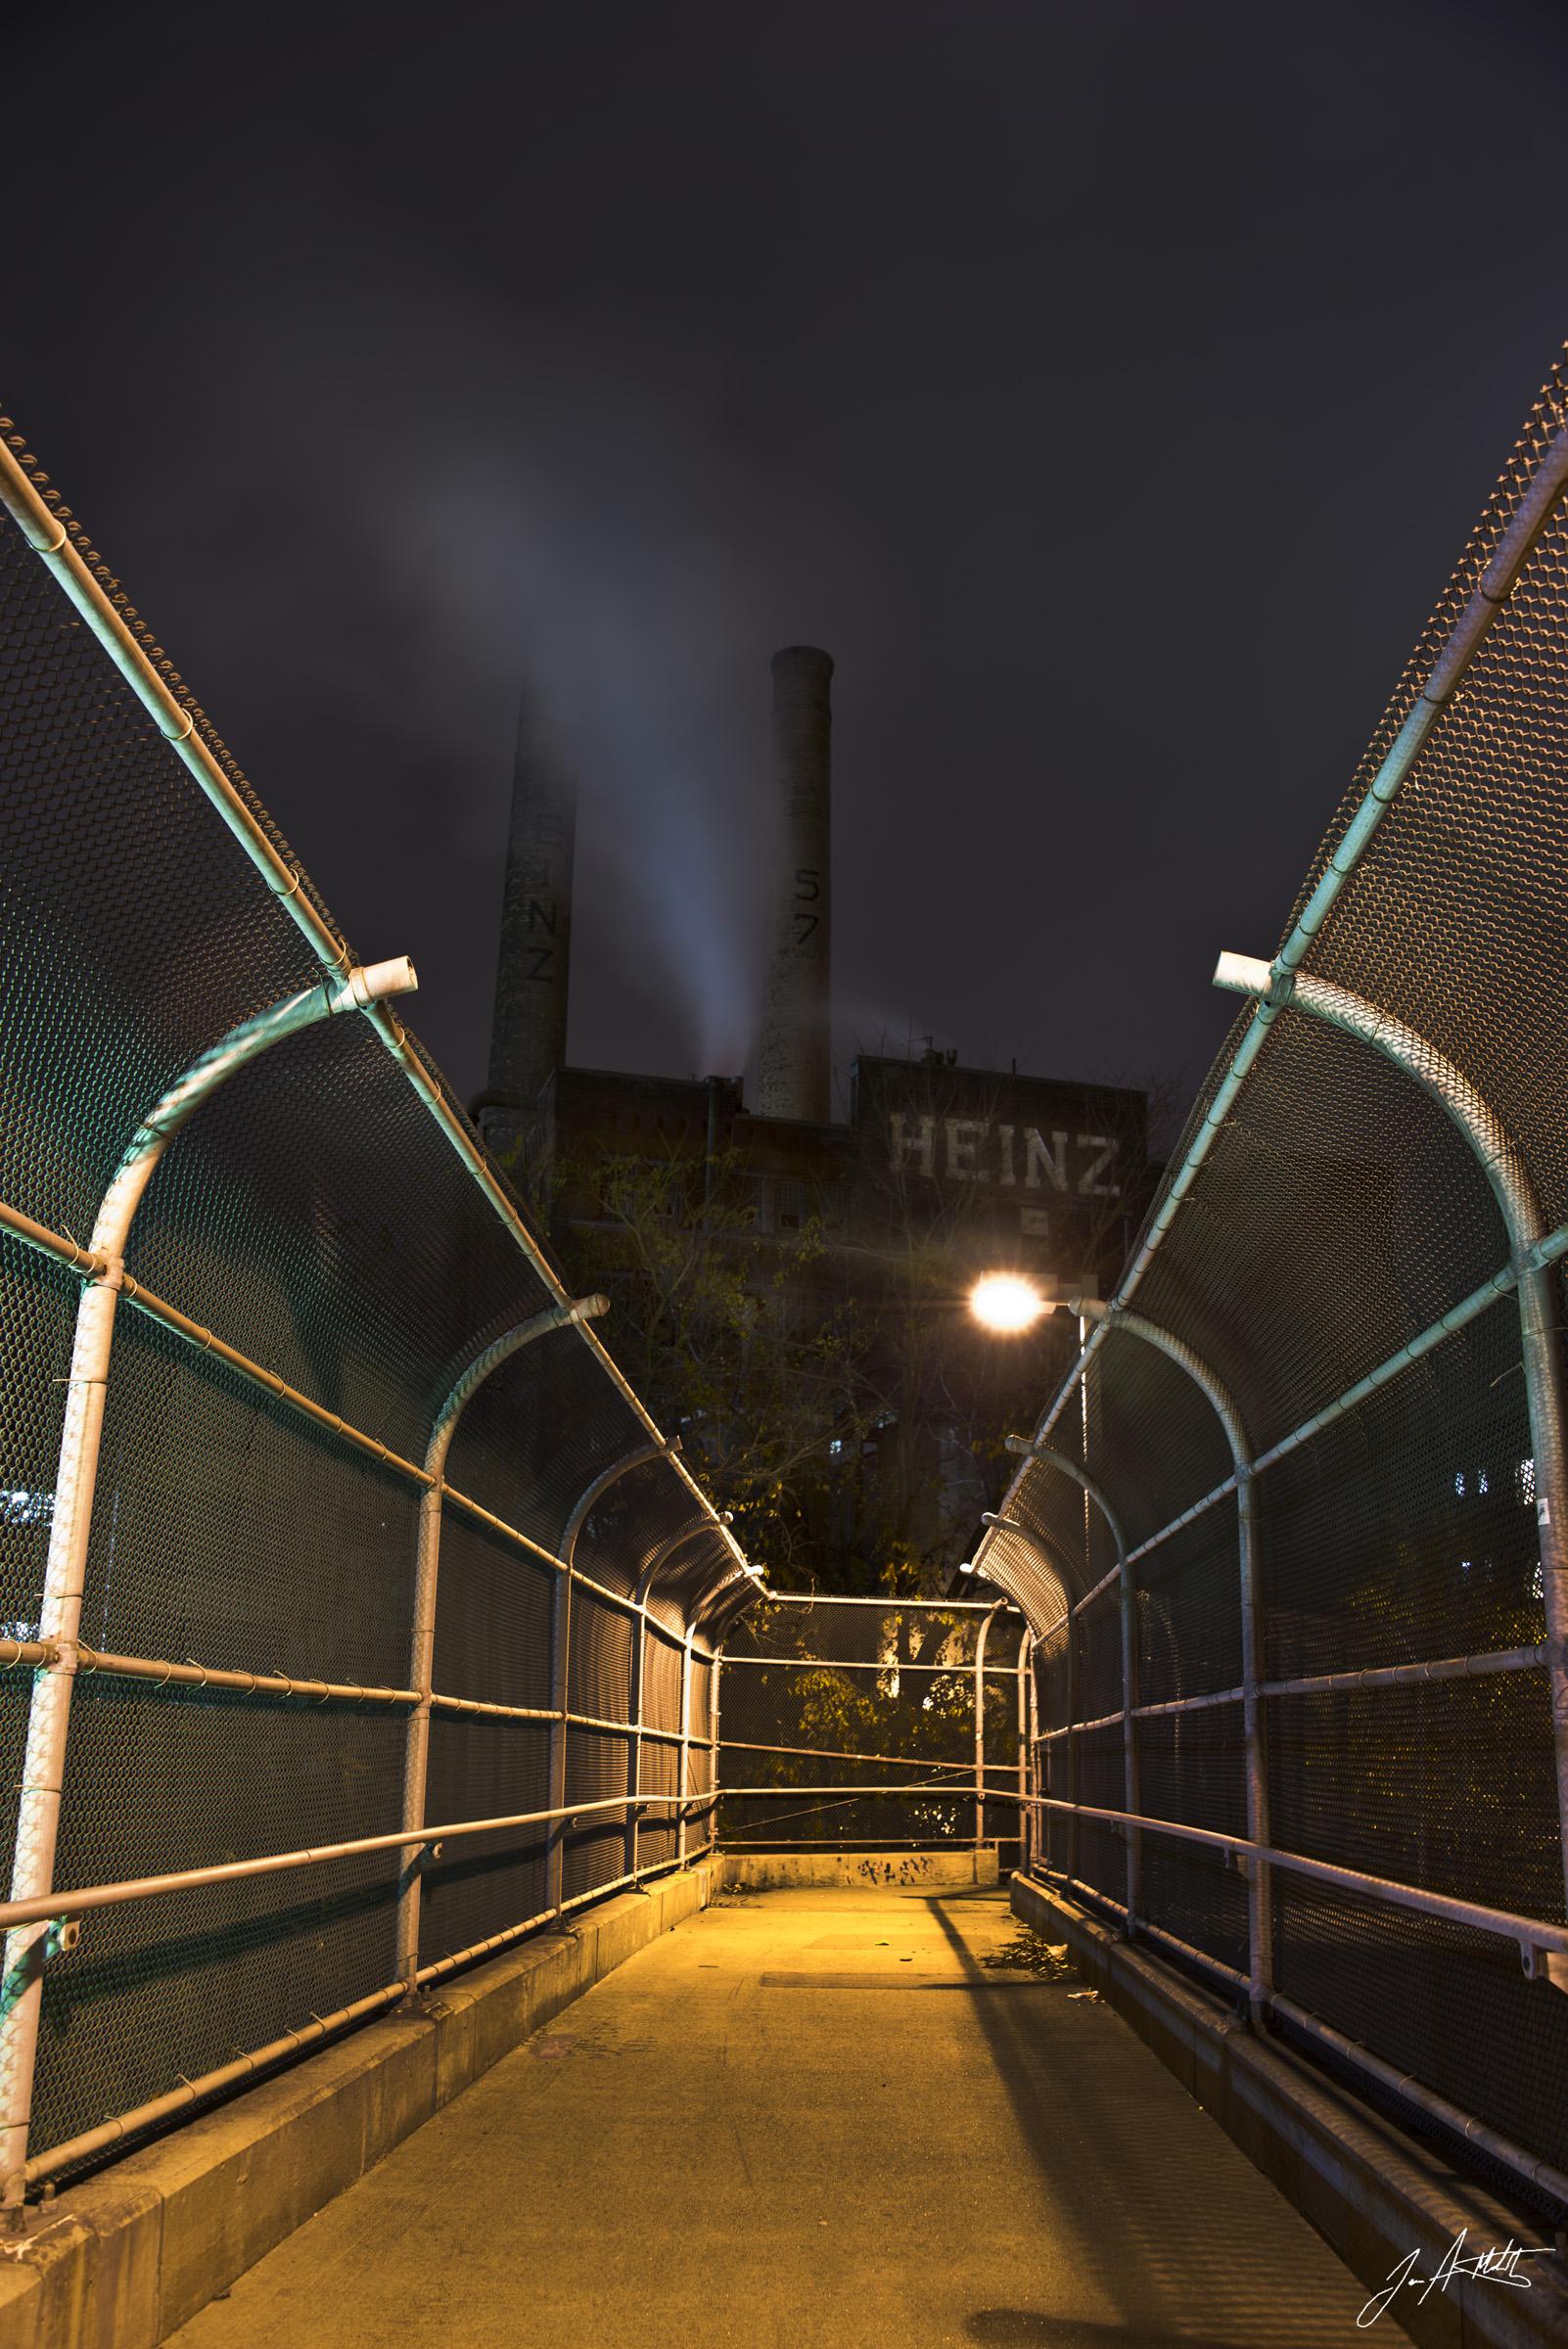 Day317_Heinz Bridge_November13